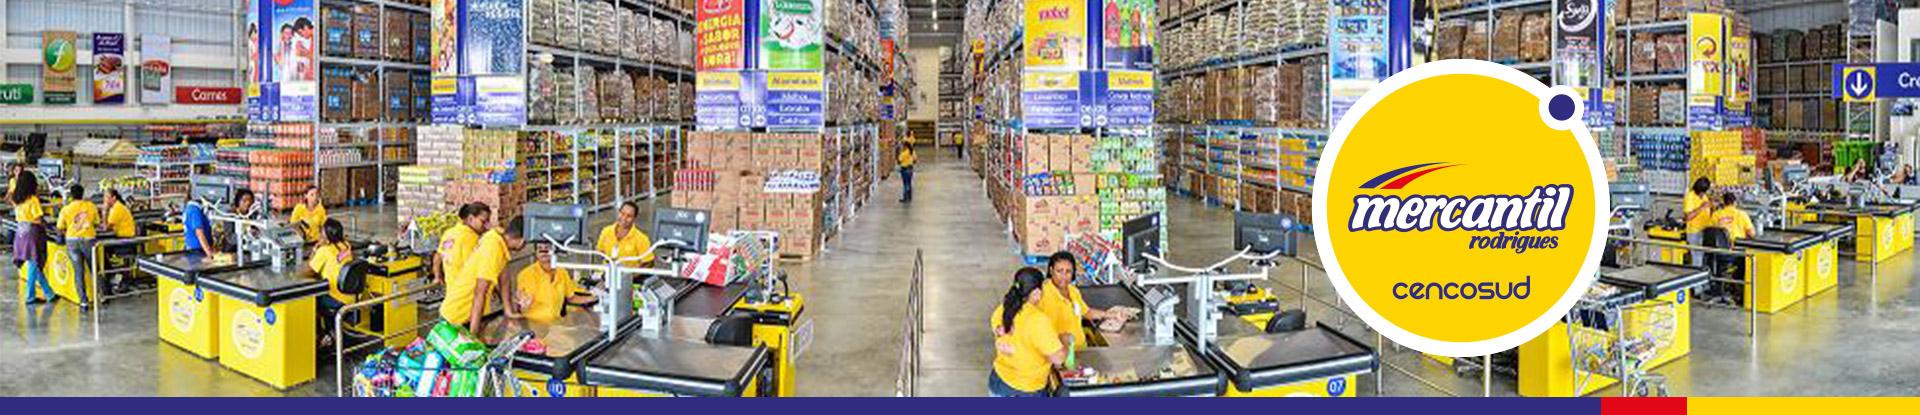 Supermercado Mercantil Rodrigues recebe currículos em vagas de emprego para Operador de Caixa, Zelador, Fiscal e Empacotador